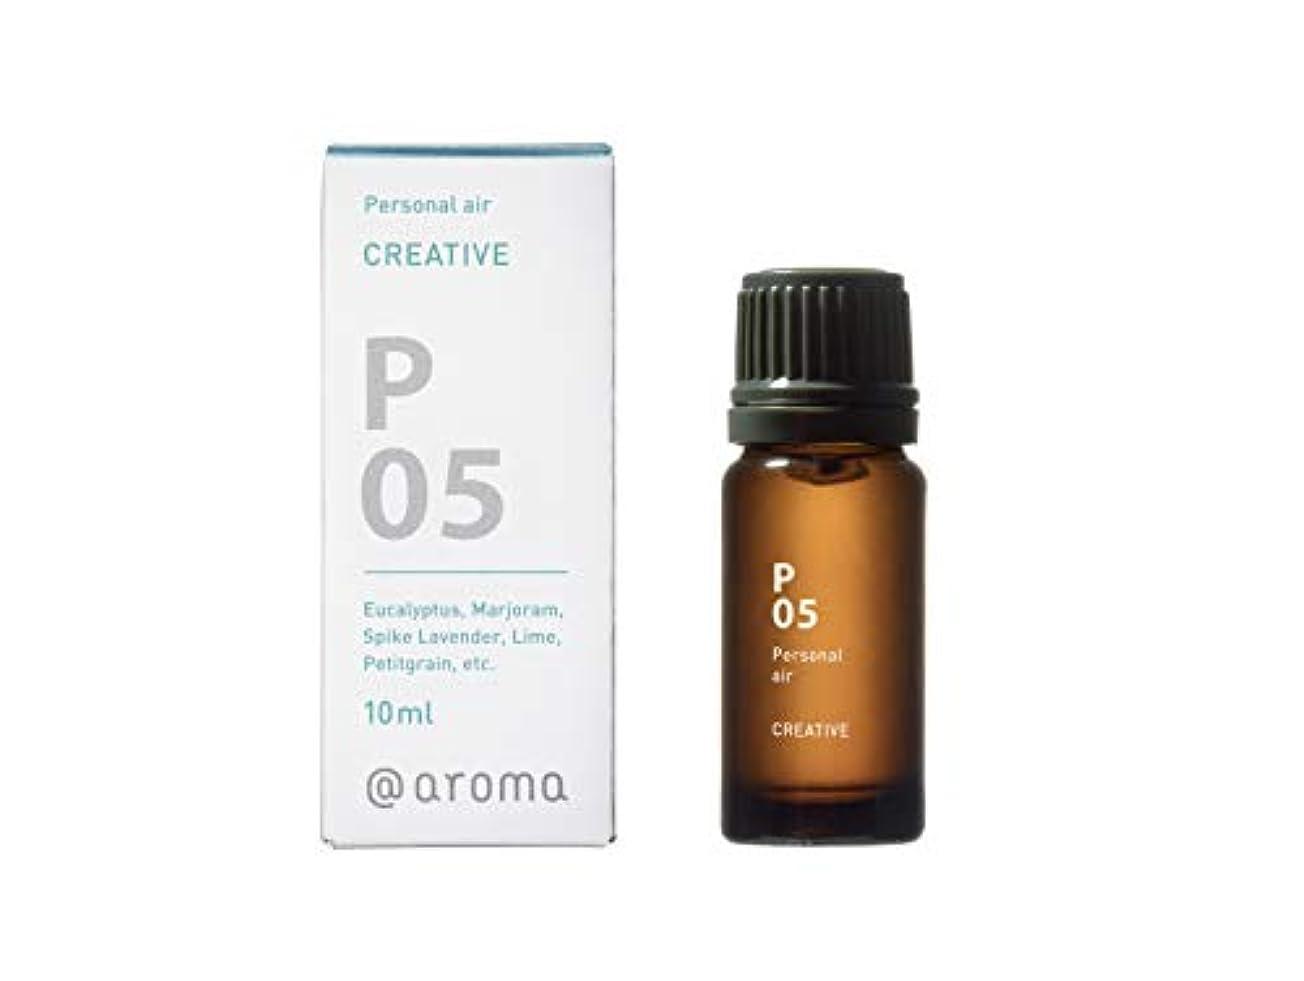 P05 CREATIVE Personal air 10ml